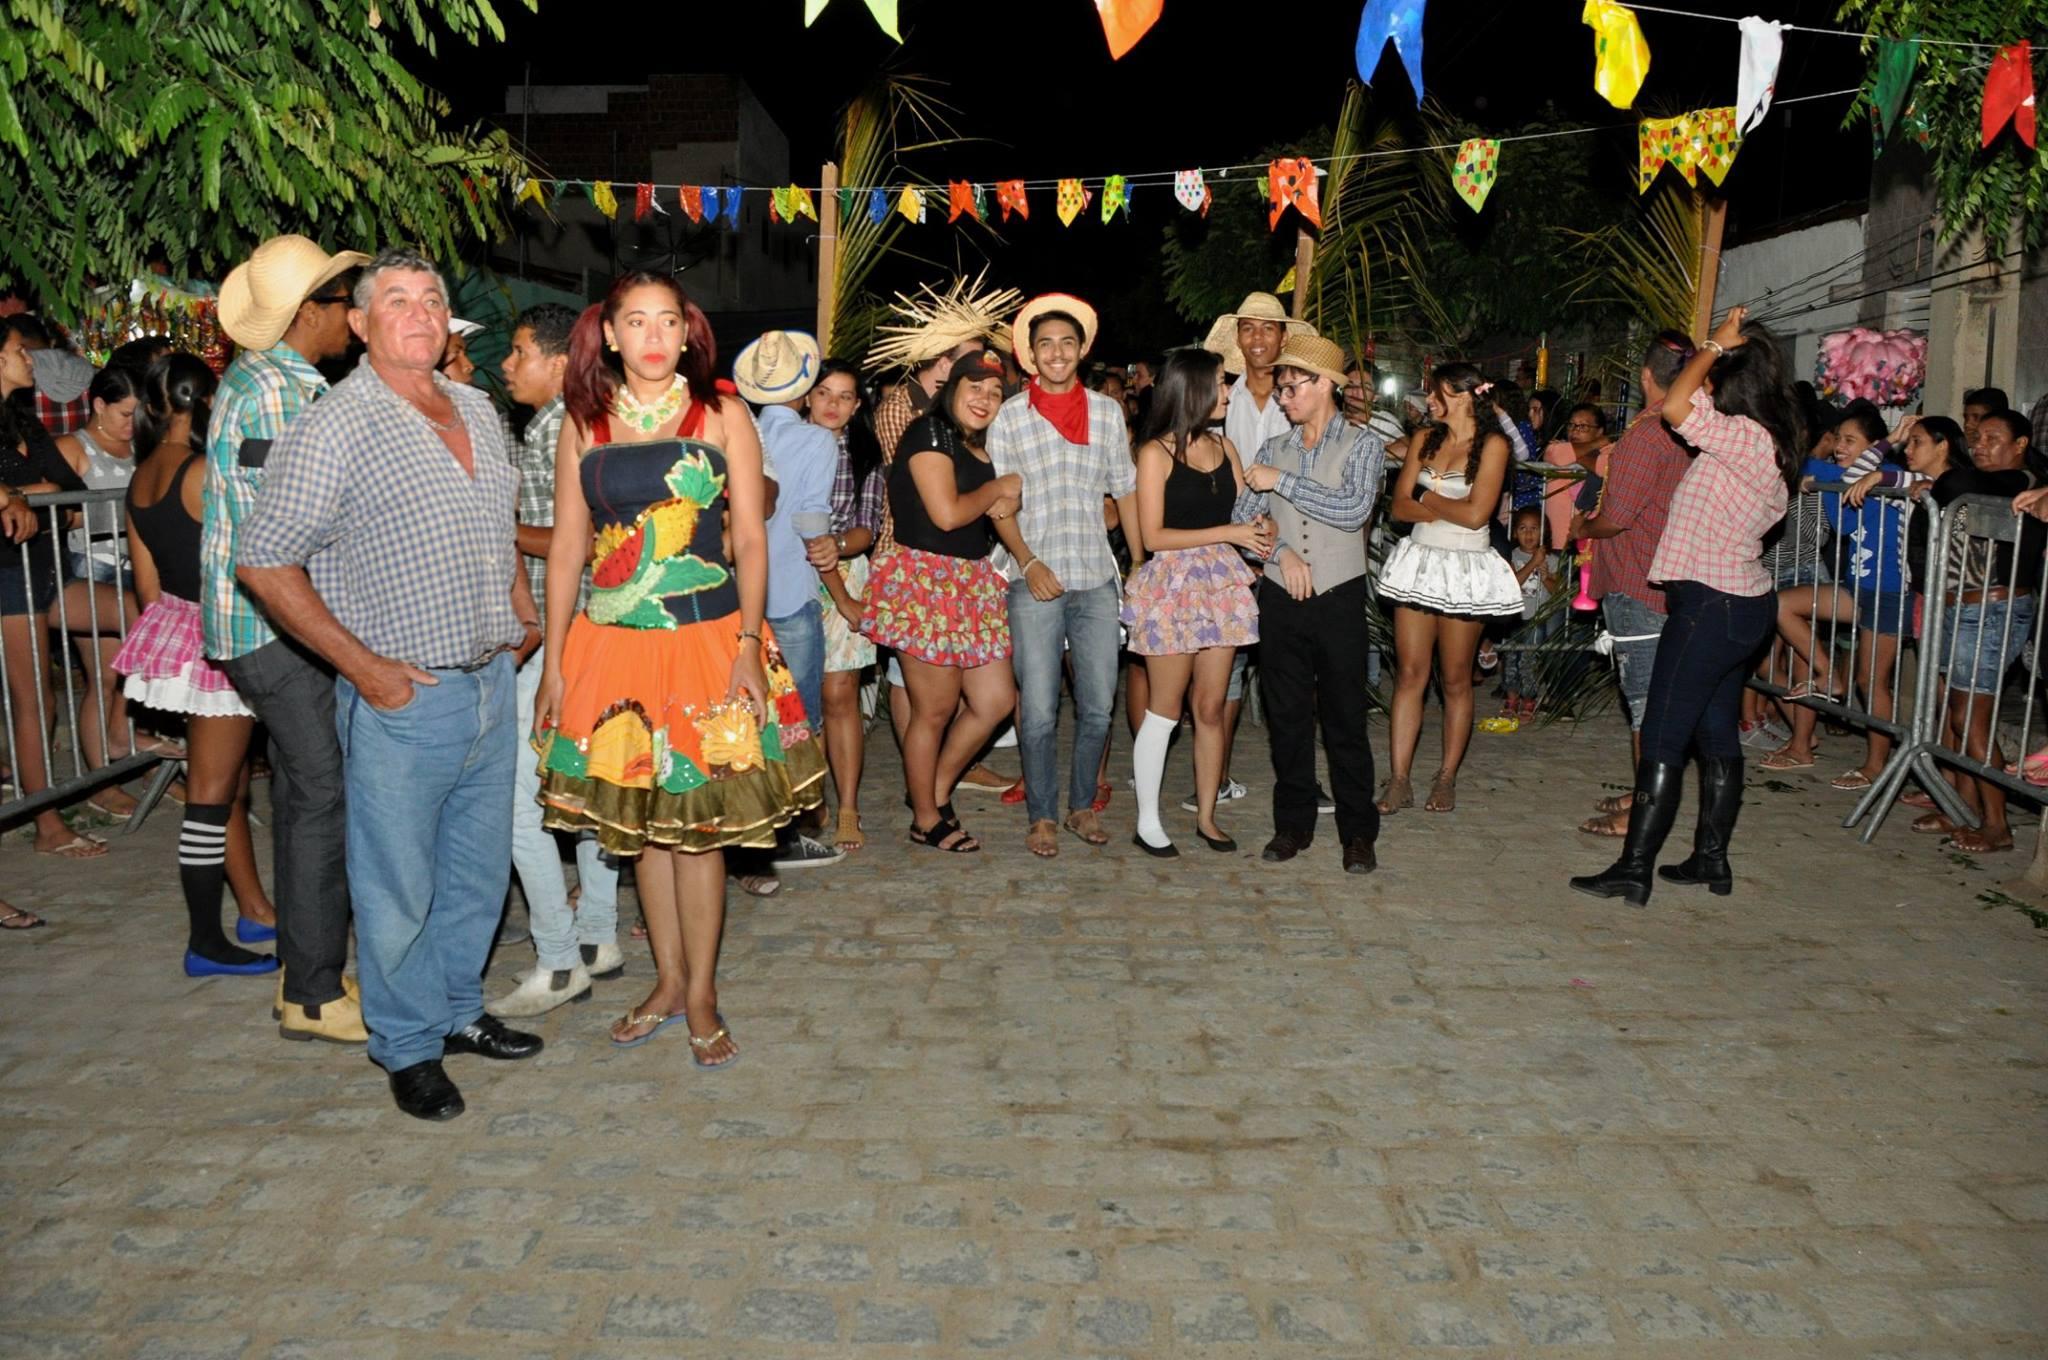 19143331_1899327990340391_8491006473726411988_o-1024x680 OPIPOCO mostra como foi a Segunda noite do festival de quadrilhas em Monteiro. Confira Imagens